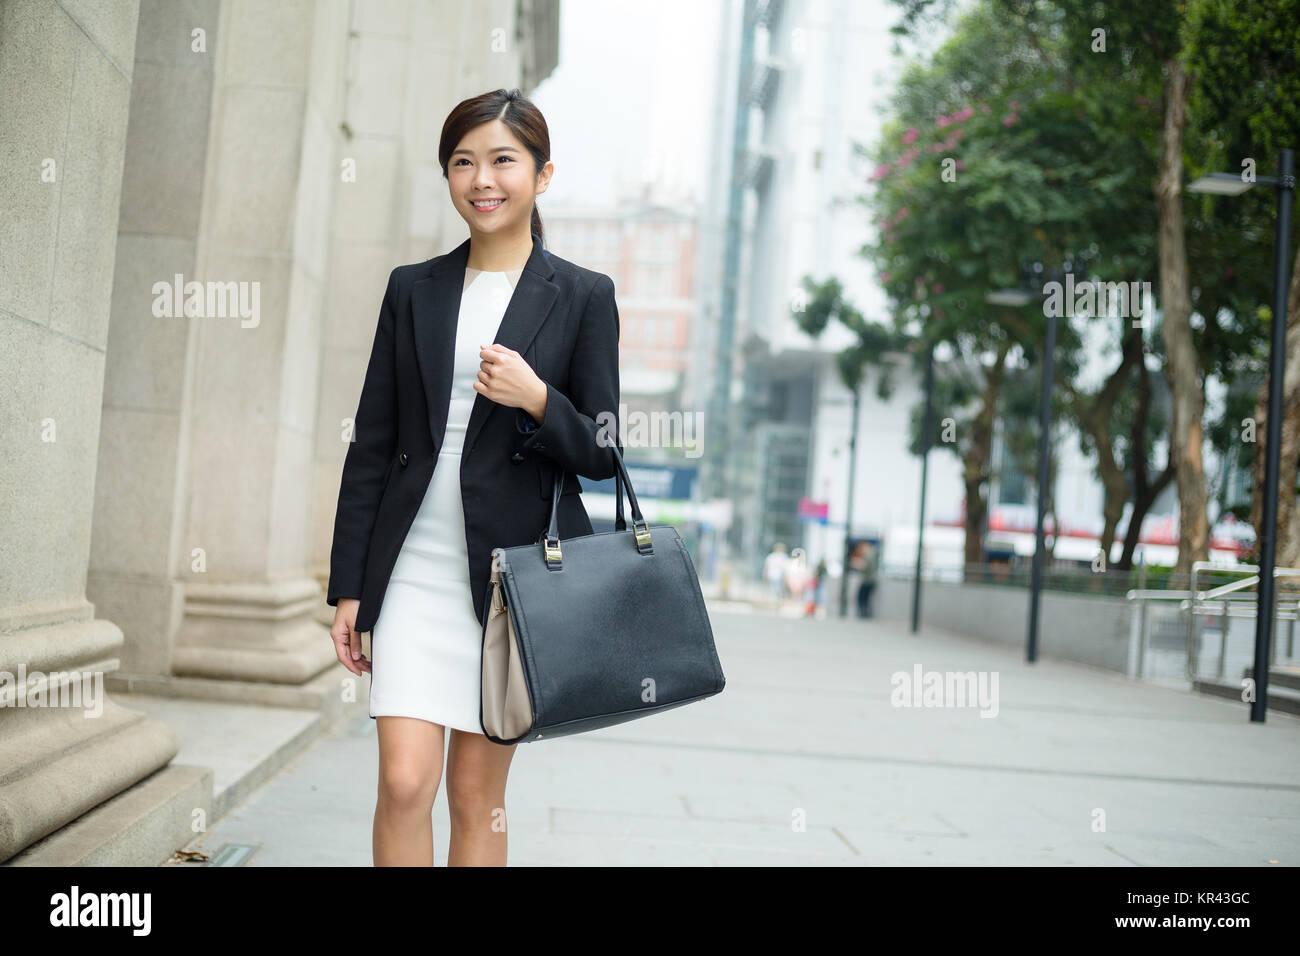 La empresaria llevar una bolsa y dejar el cargo Imagen De Stock